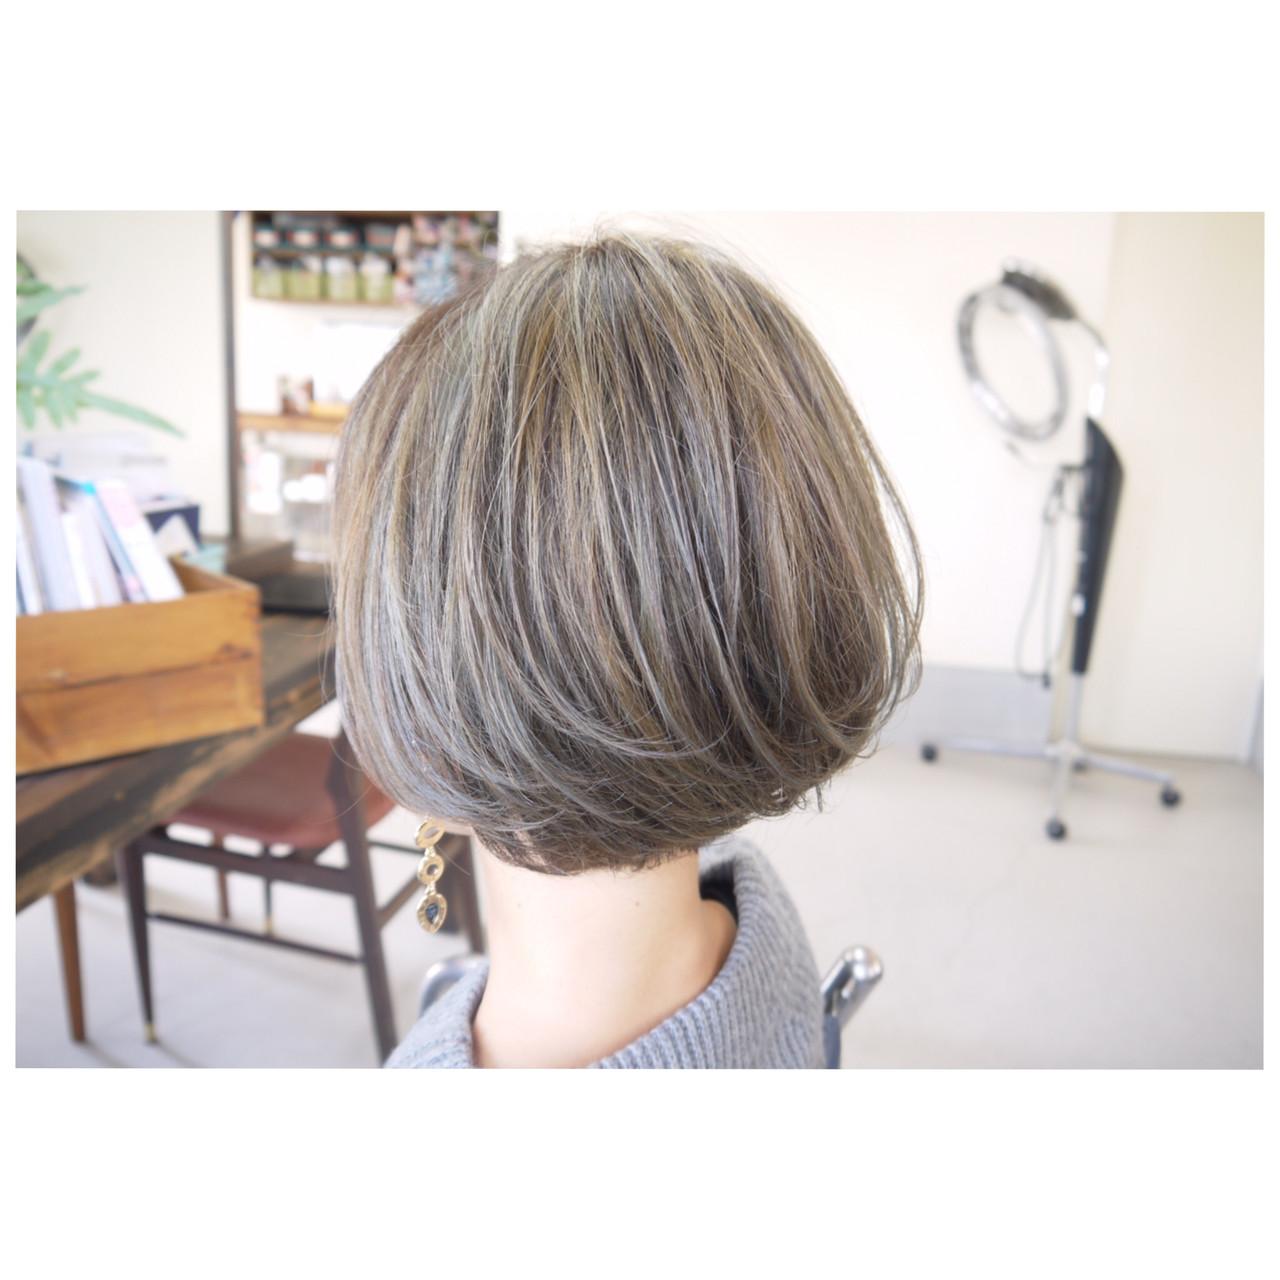 ナチュラル ハイライト ダブルカラー スライシングハイライト ヘアスタイルや髪型の写真・画像